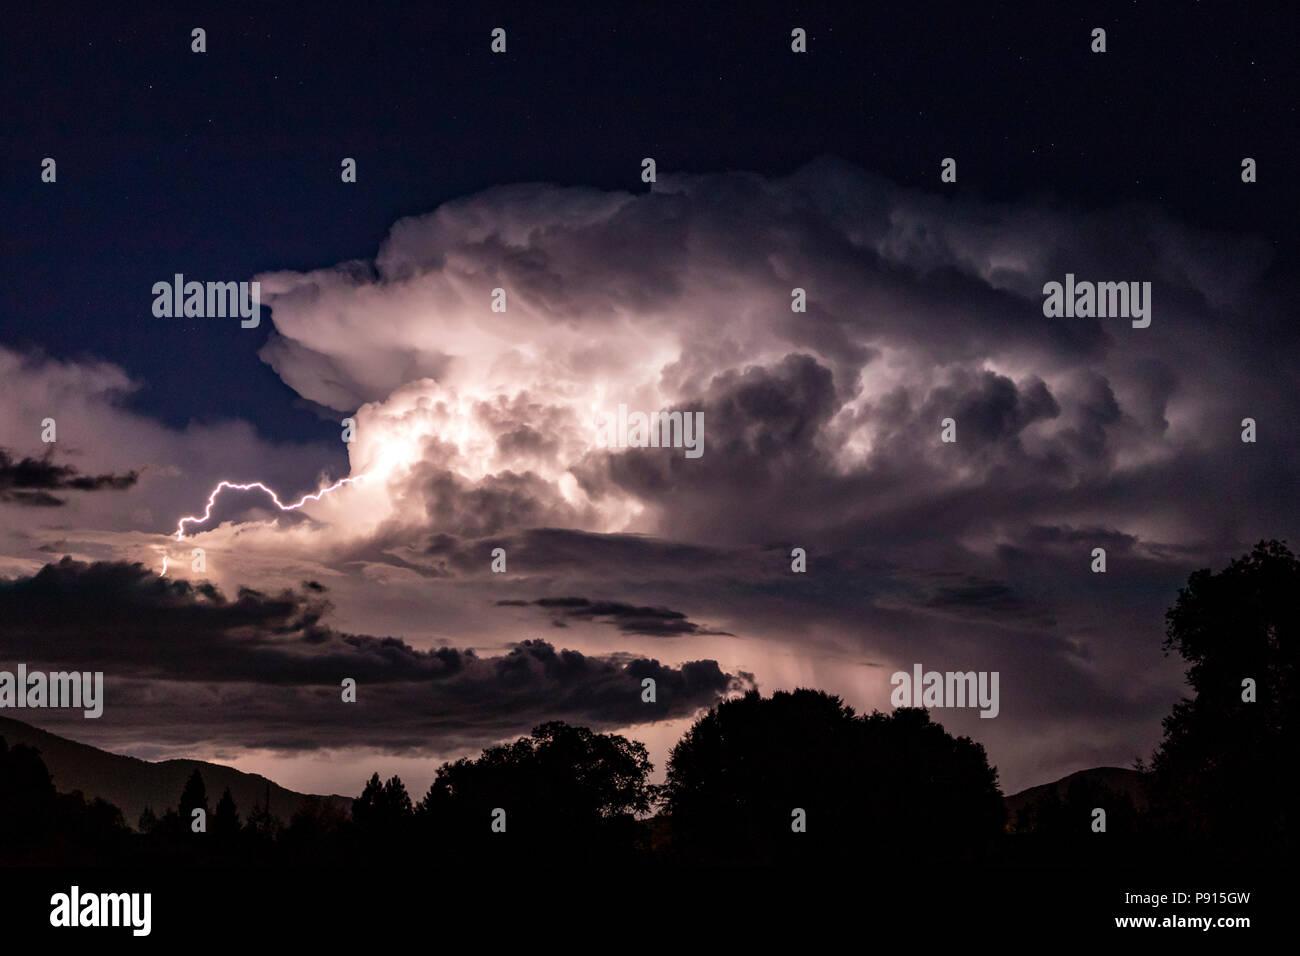 Espectacular tormenta ilumina cielo nocturno; Salida, Colorado, EE.UU. Foto de stock